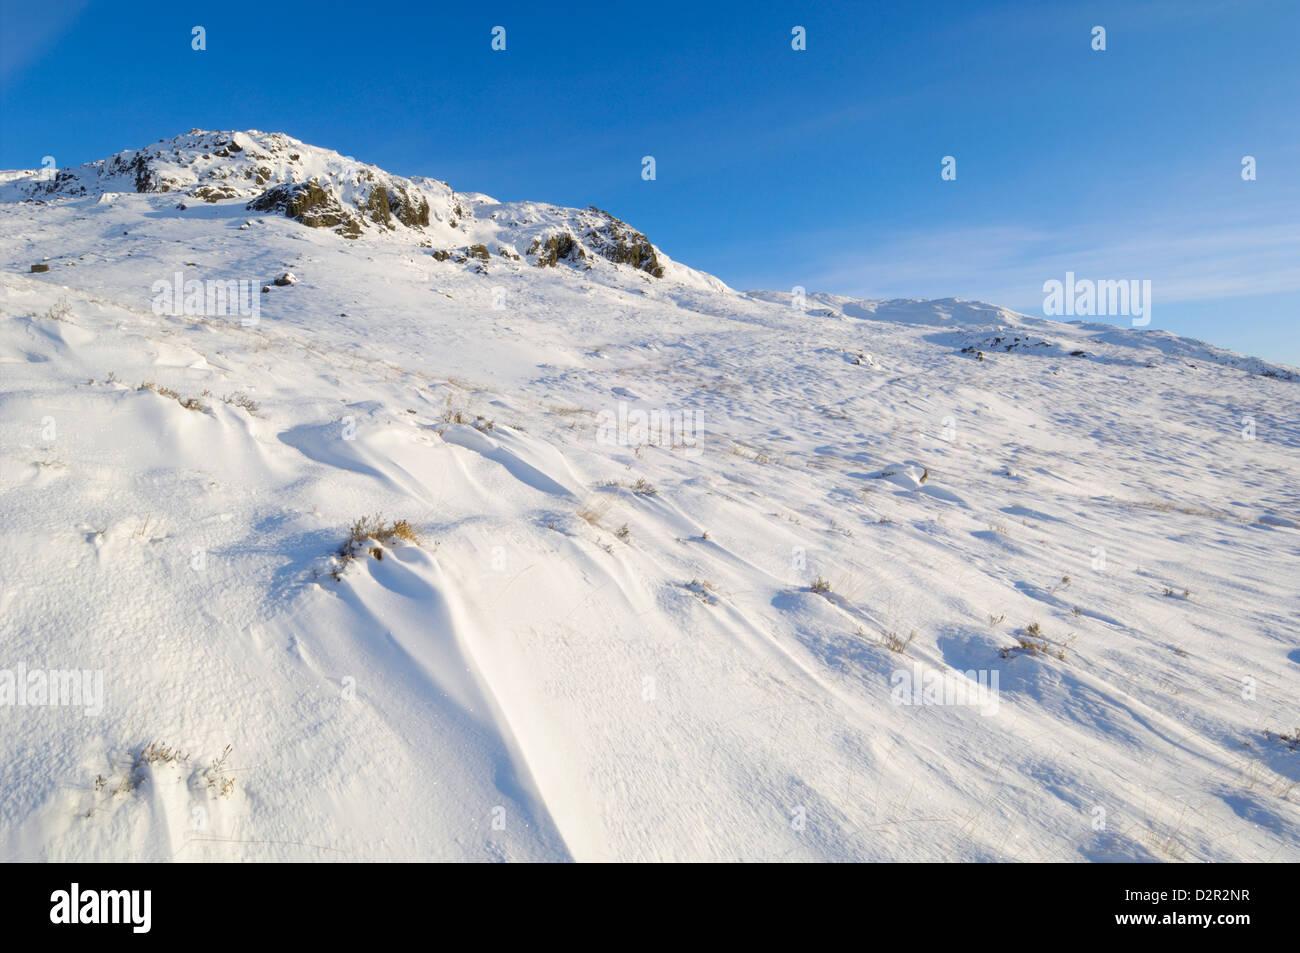 Buchan Hill, en invierno, la nieve, Galloway Hills, Dumfries y Galloway, Escocia, Reino Unido, Europa Foto de stock